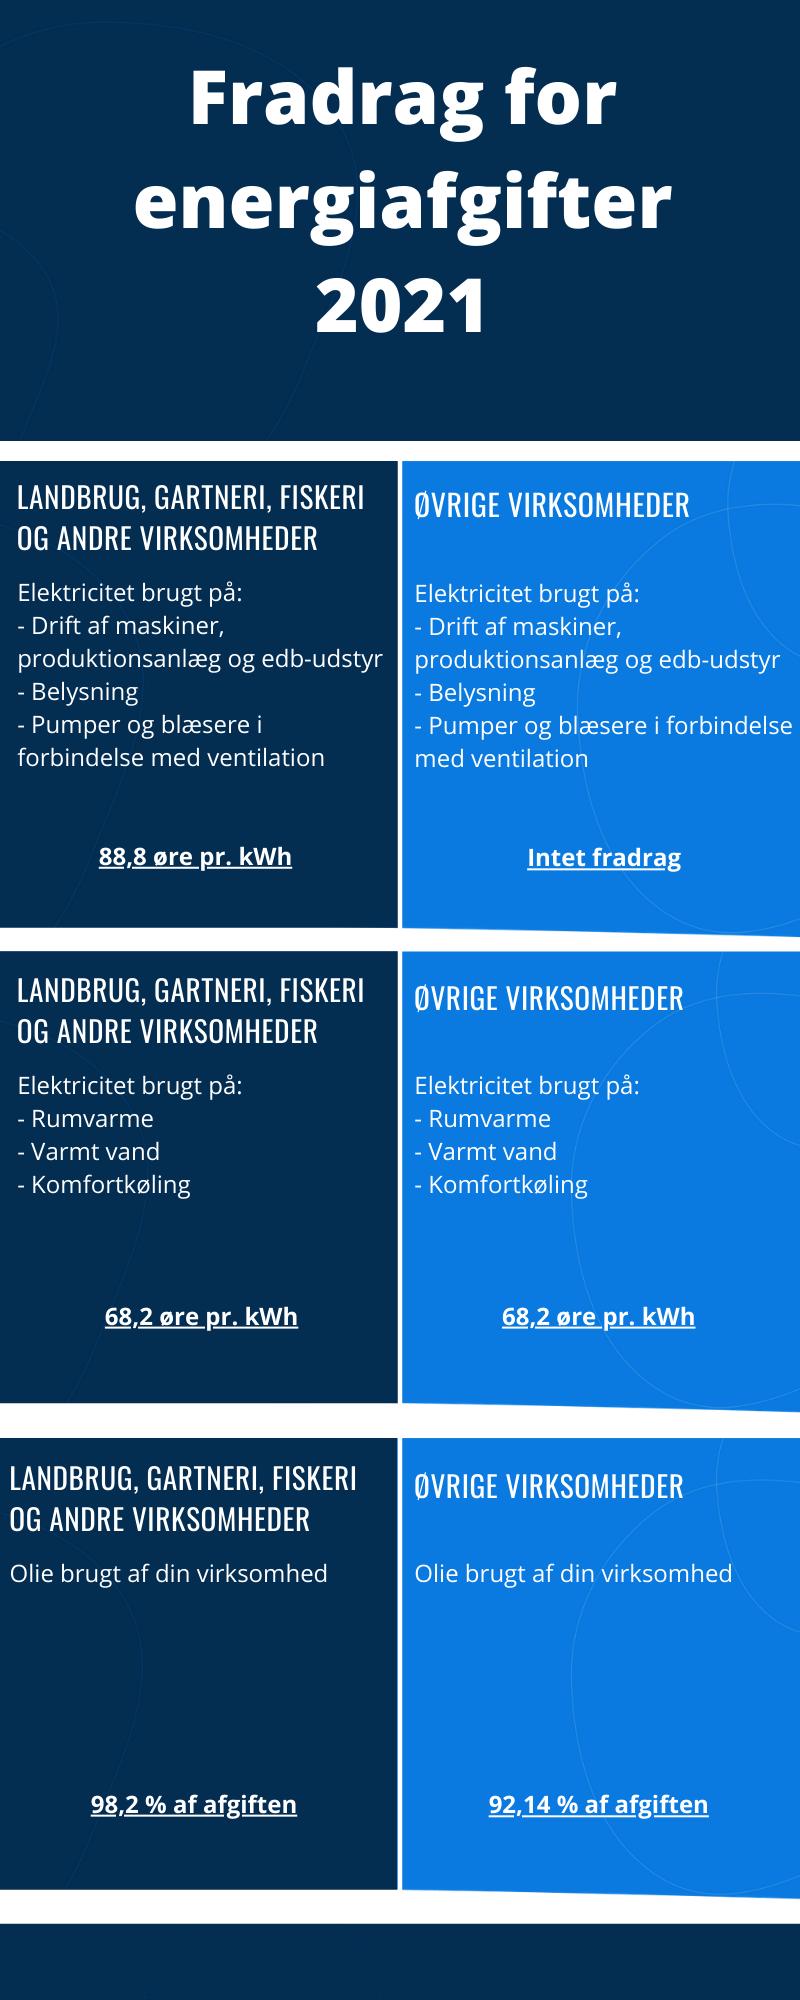 Oversigt over fradrag og godtgørelse for energiafgifter.